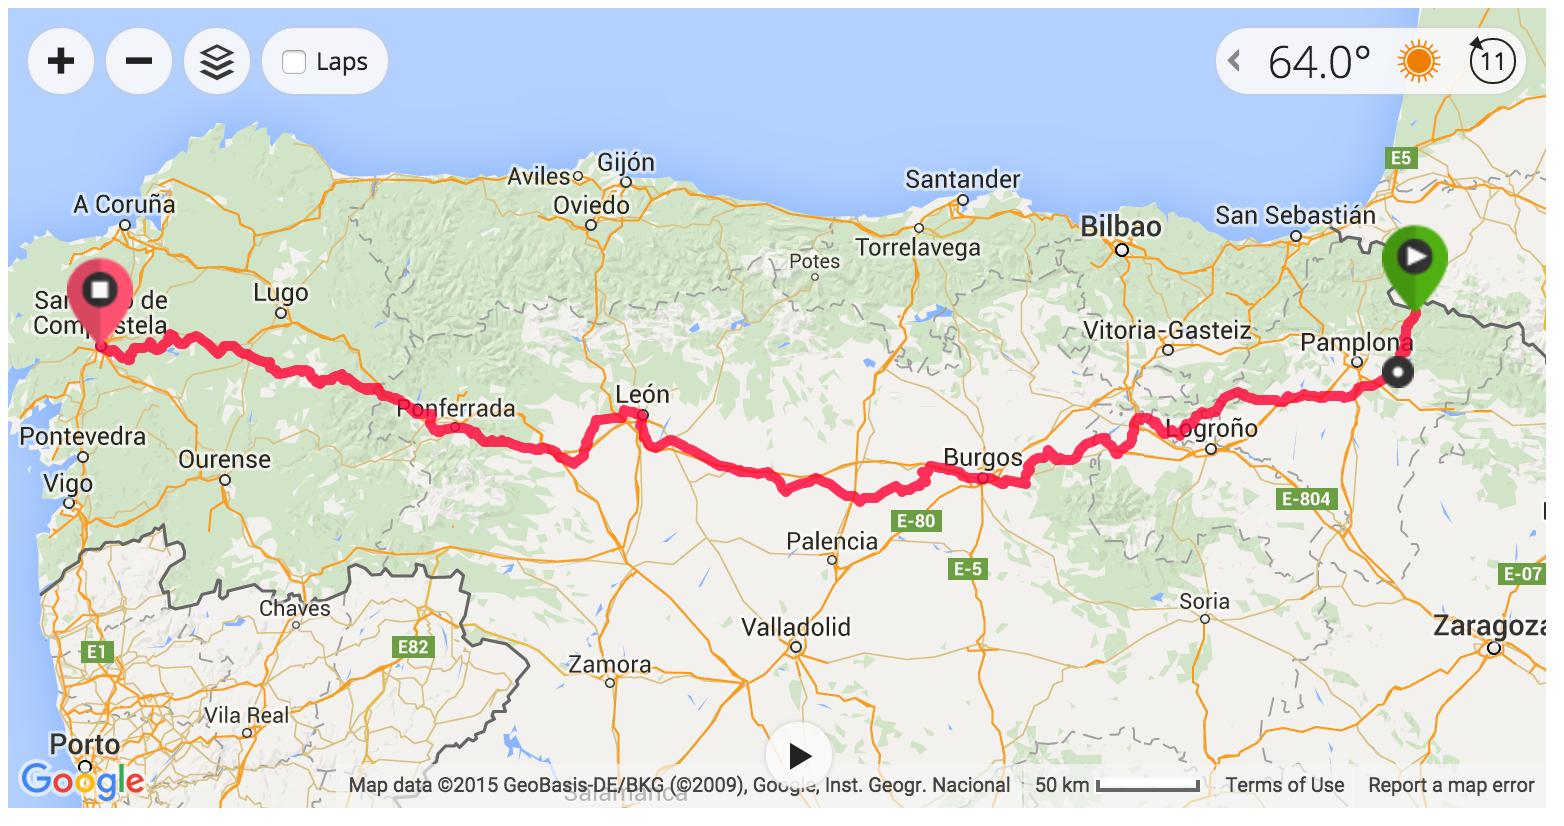 Cycling the Camino de Santiago | Rambling Roads on